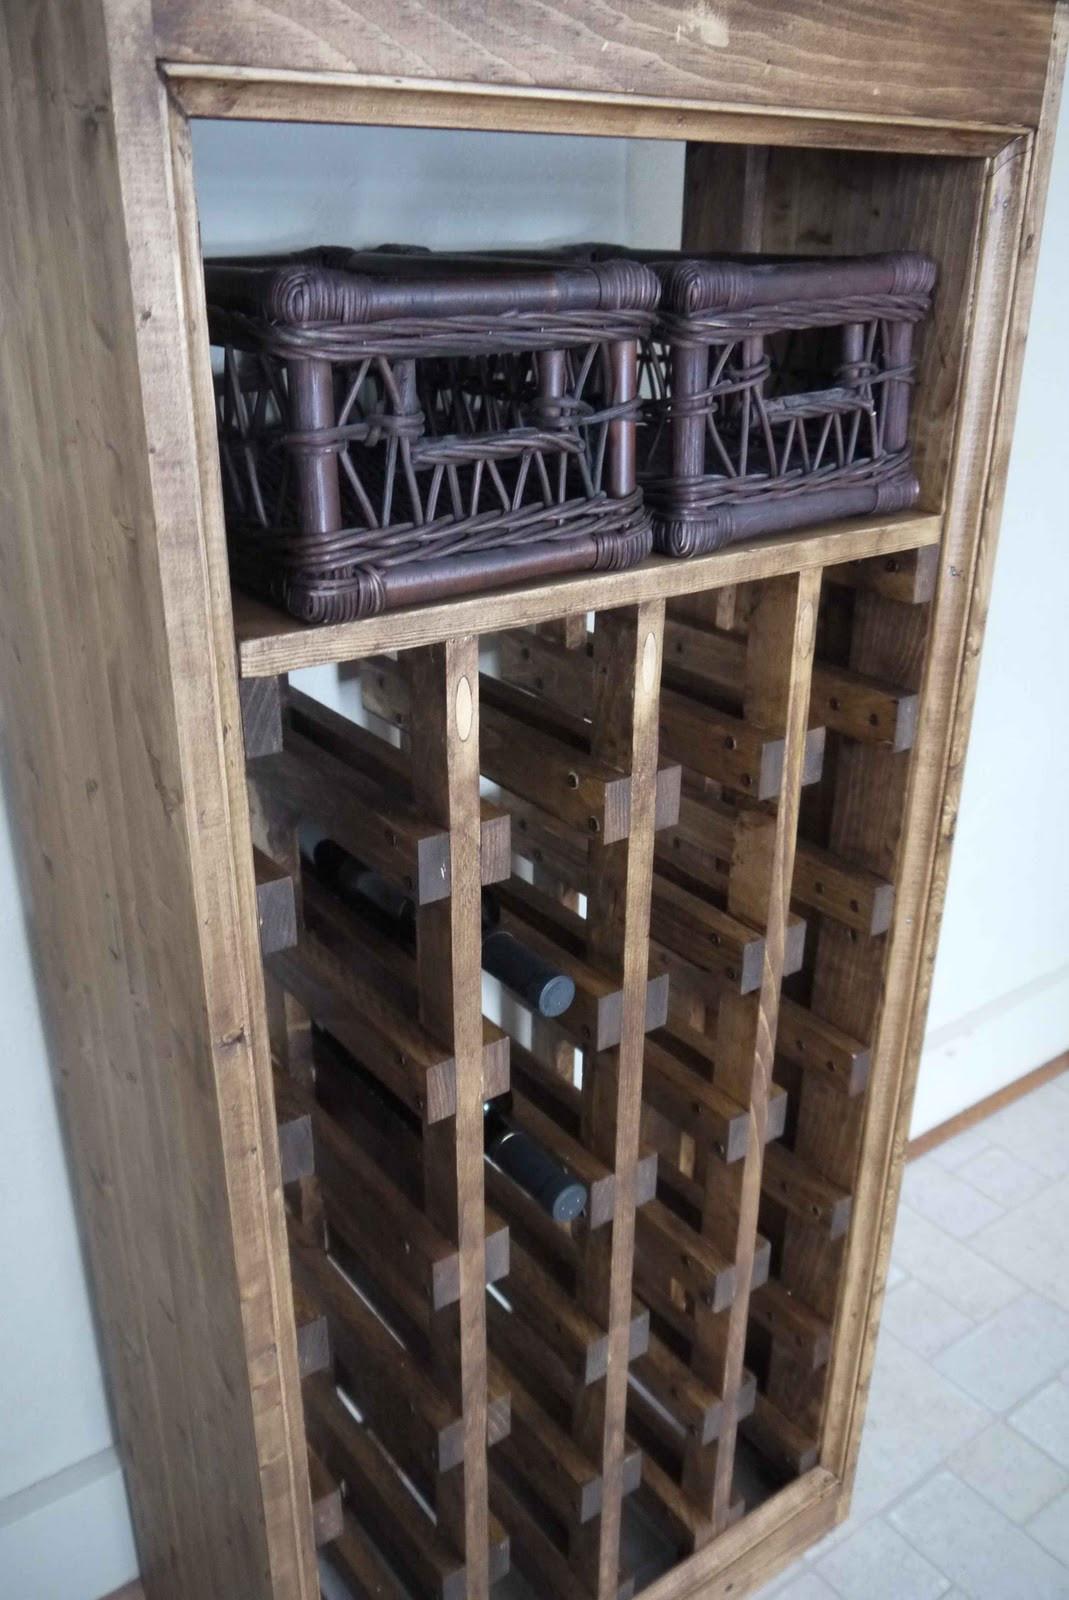 Best ideas about Wine Rack DIY . Save or Pin Rhubarb Diaries DIY Wine Rack pleted Now.